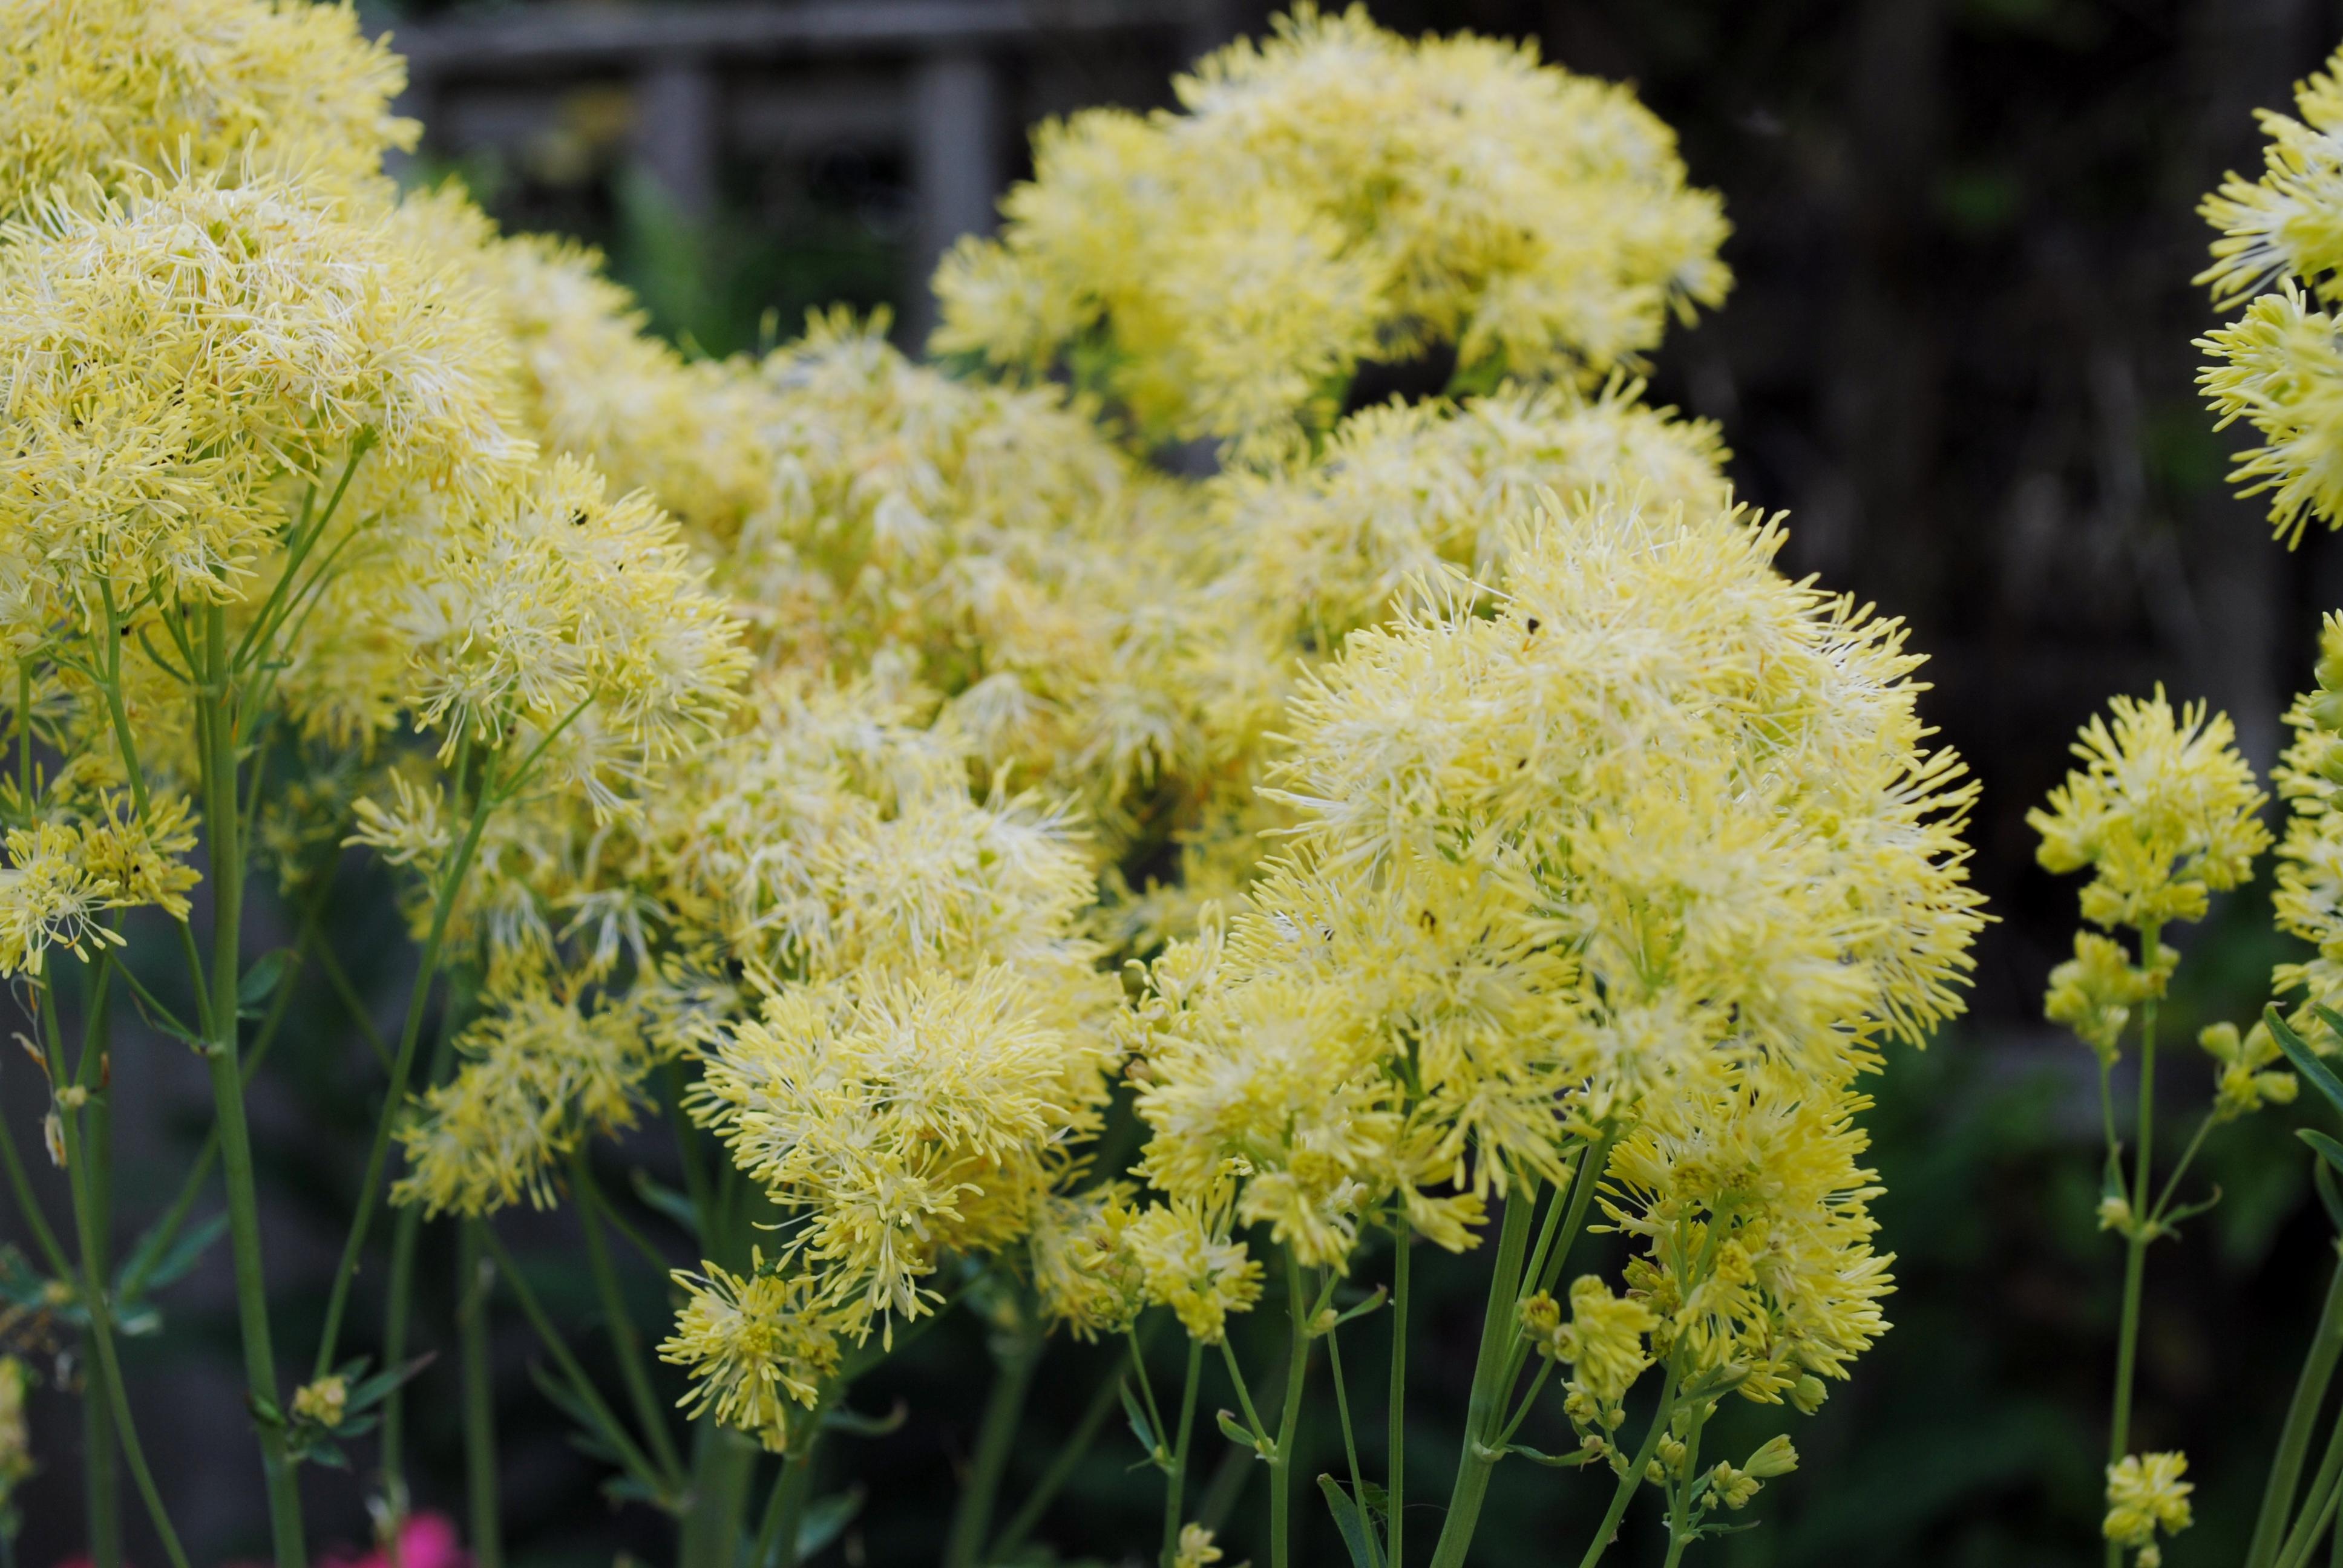 Thalictrum flavum subsp. glaucum (Meadow Rue)